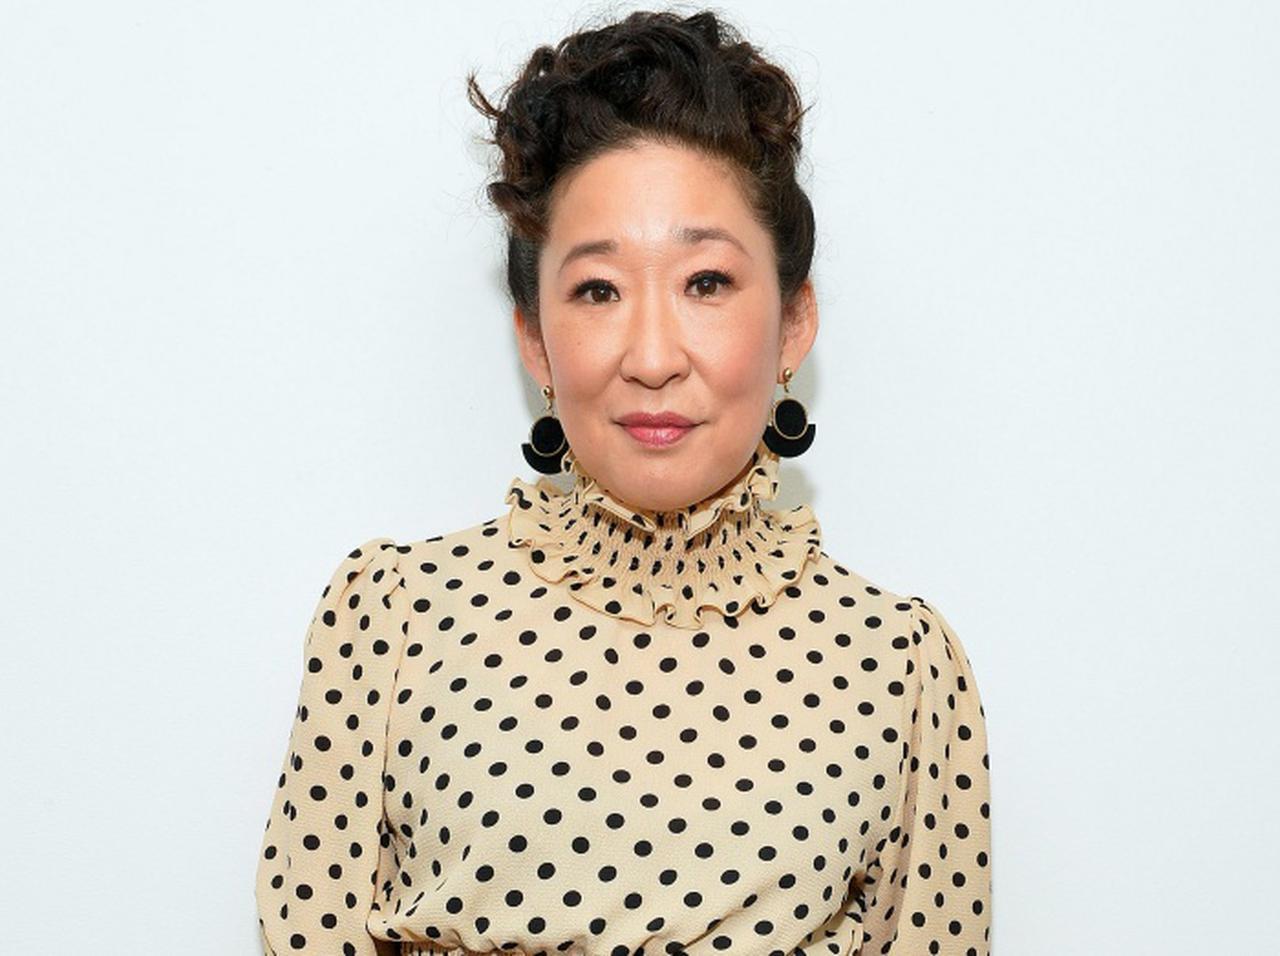 画像: サンドラ・オー、アジア系のレプリゼンテーションについて